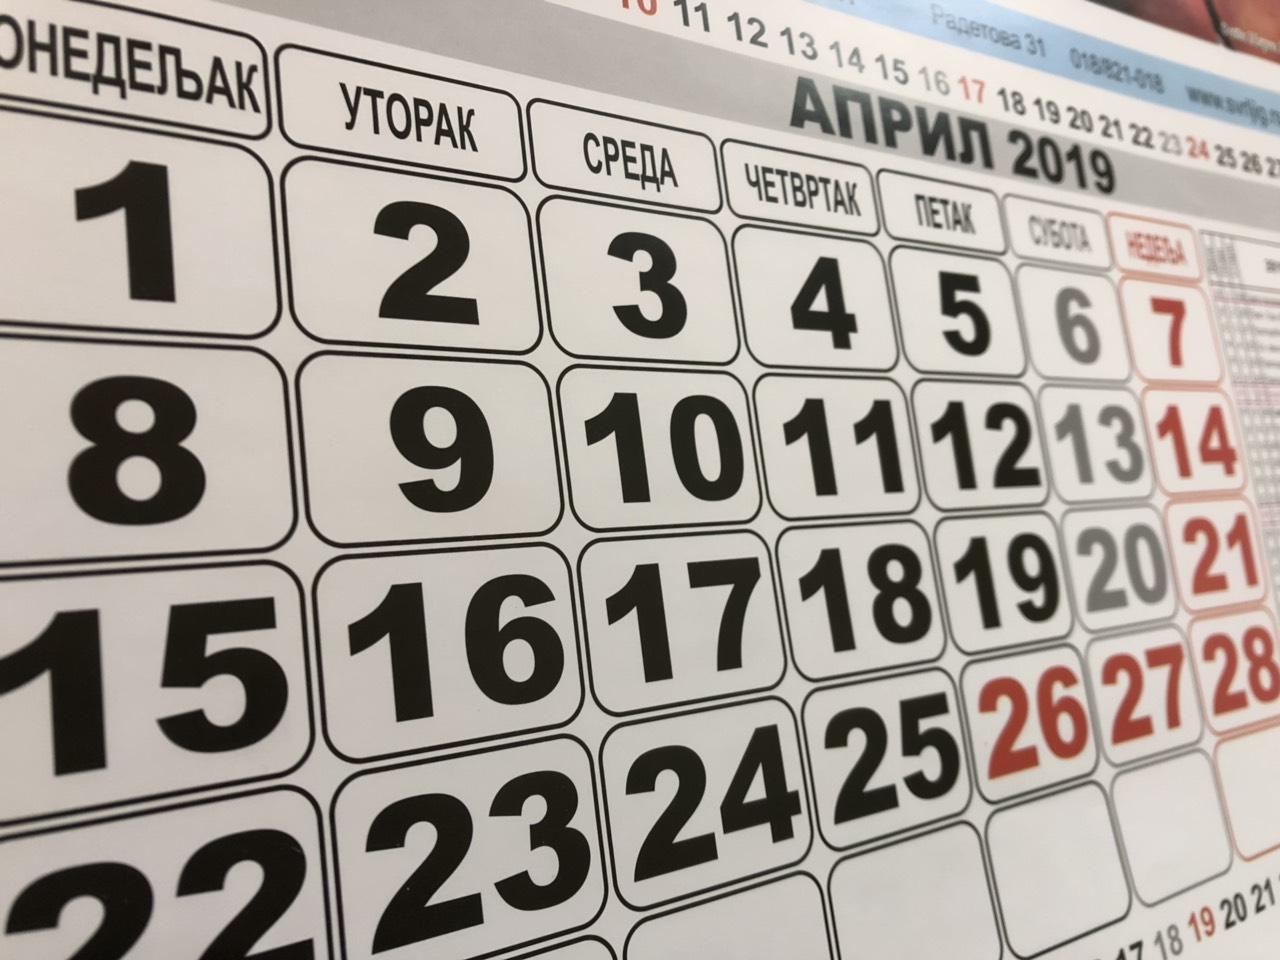 Prvi april, foto: M. Miladinović, Knjaževačke novine